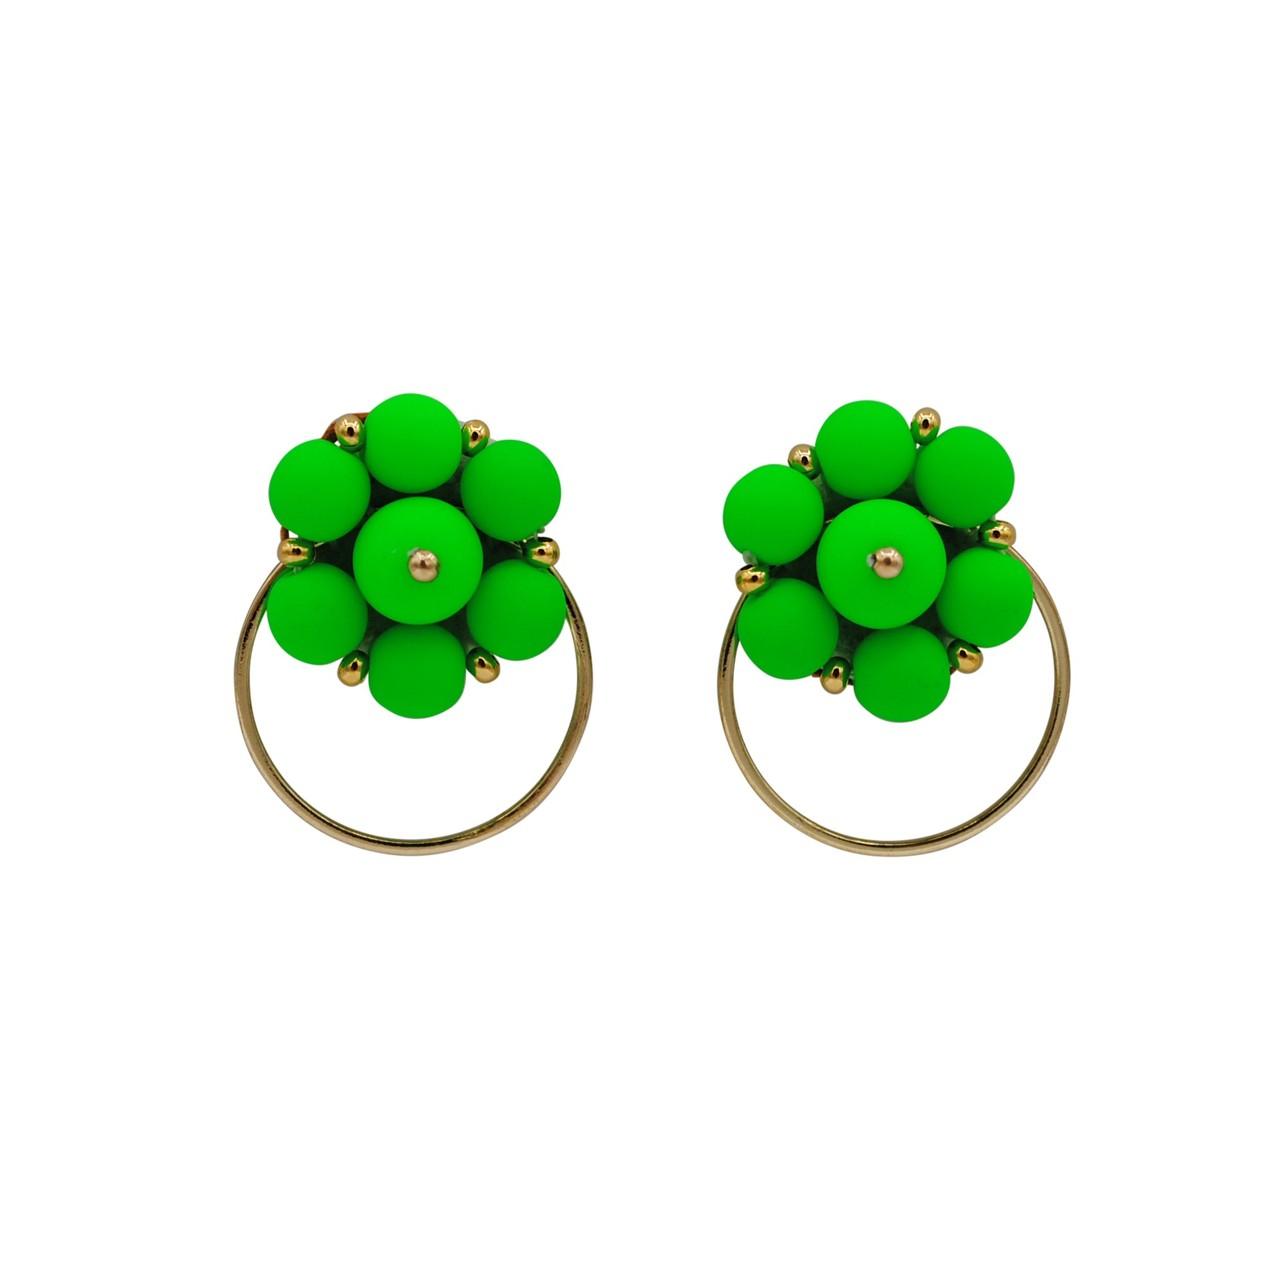 Forever Fiesta Hoop Earrings in Green